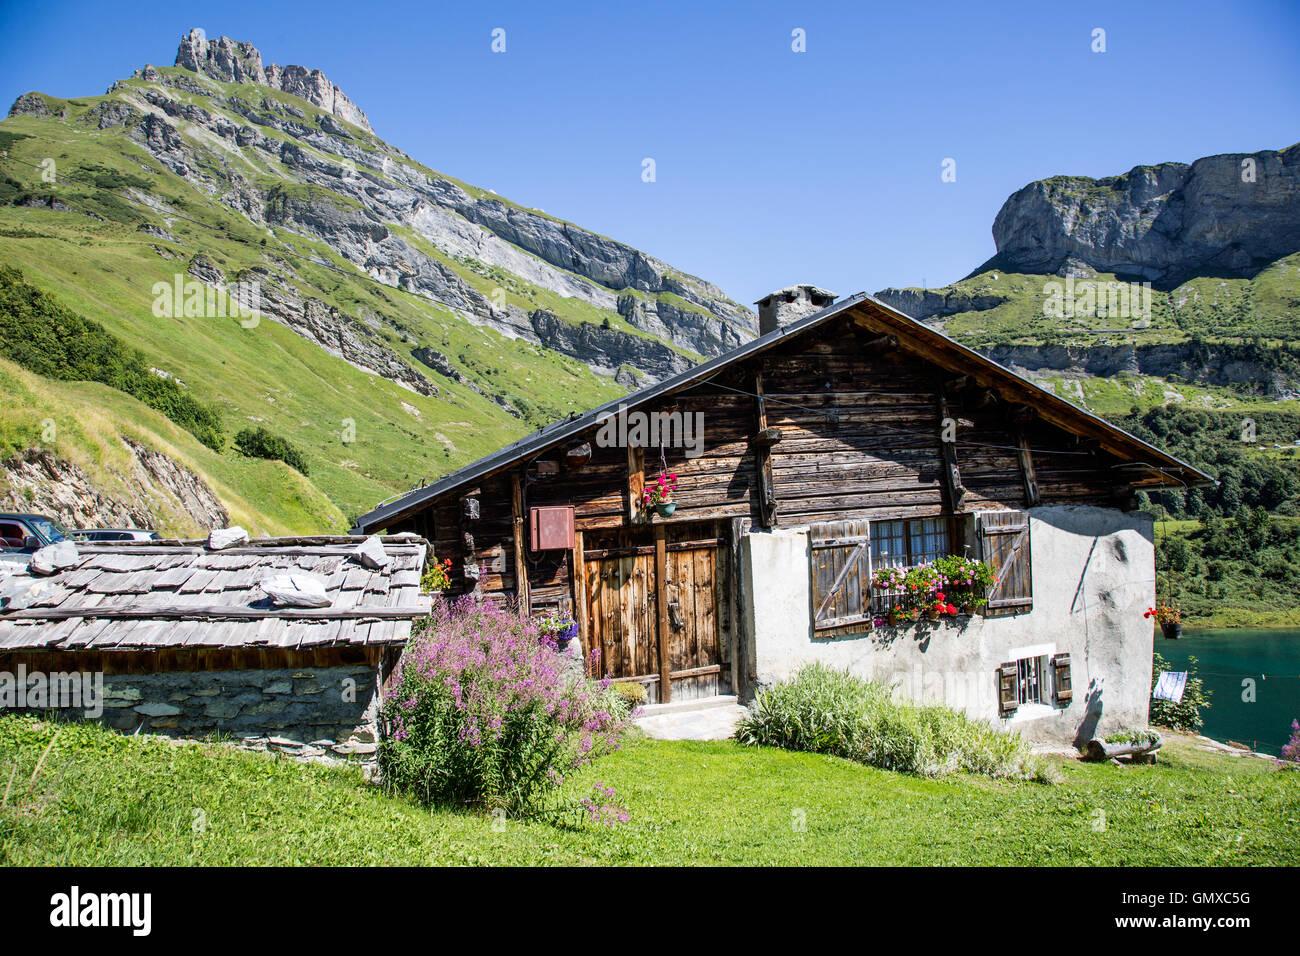 Alpine Chalet La Plagne French Alps France - Stock Image